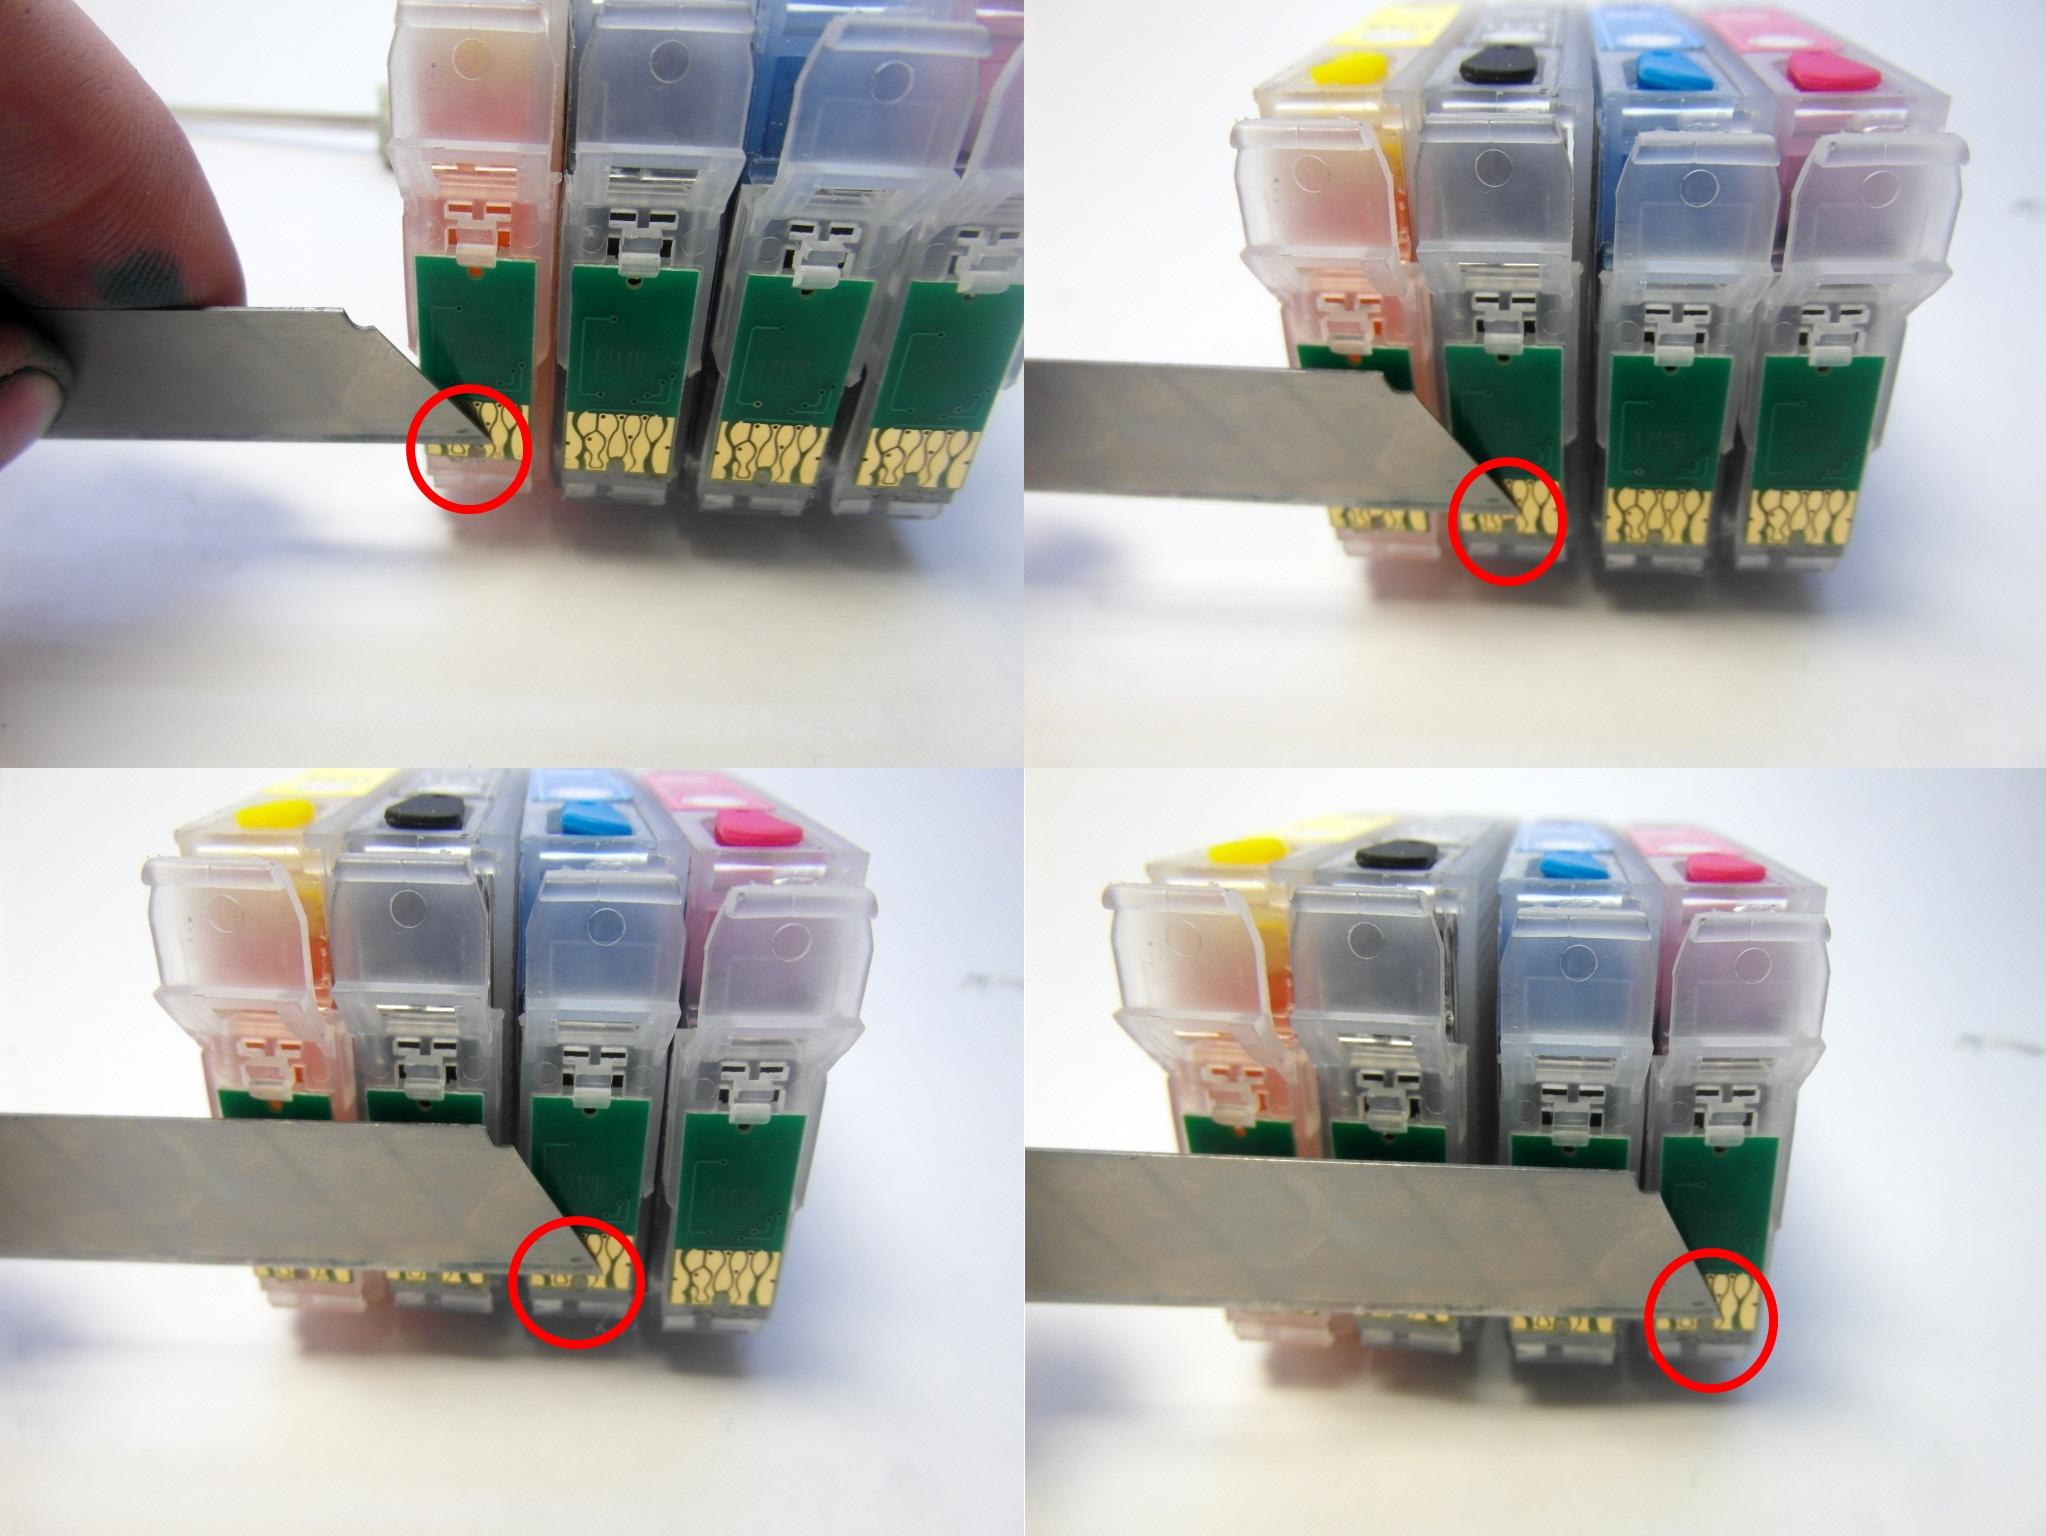 Почему принтер не видит картридж после заправки